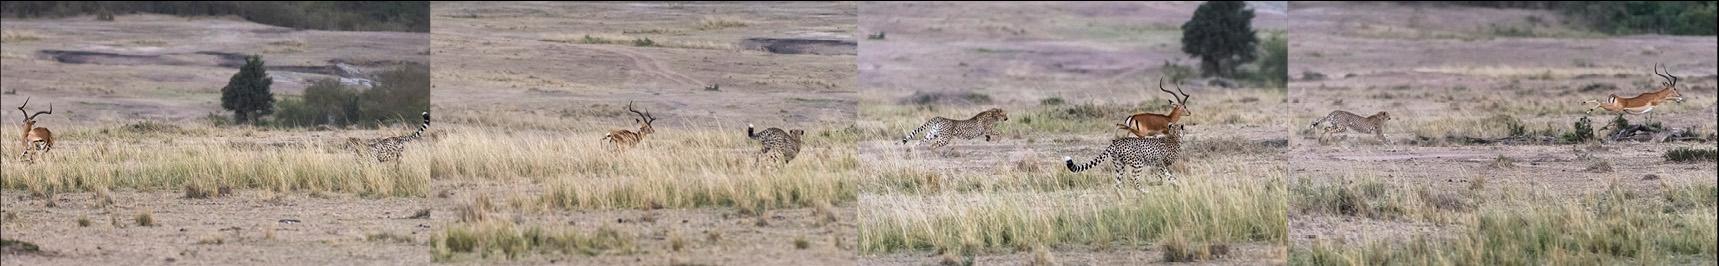 Als der erste Gepard konditionell am Ende war, lauerte bereits ein zweiter auf das fliehende Impala, es drehte aber im letzten Moment ab